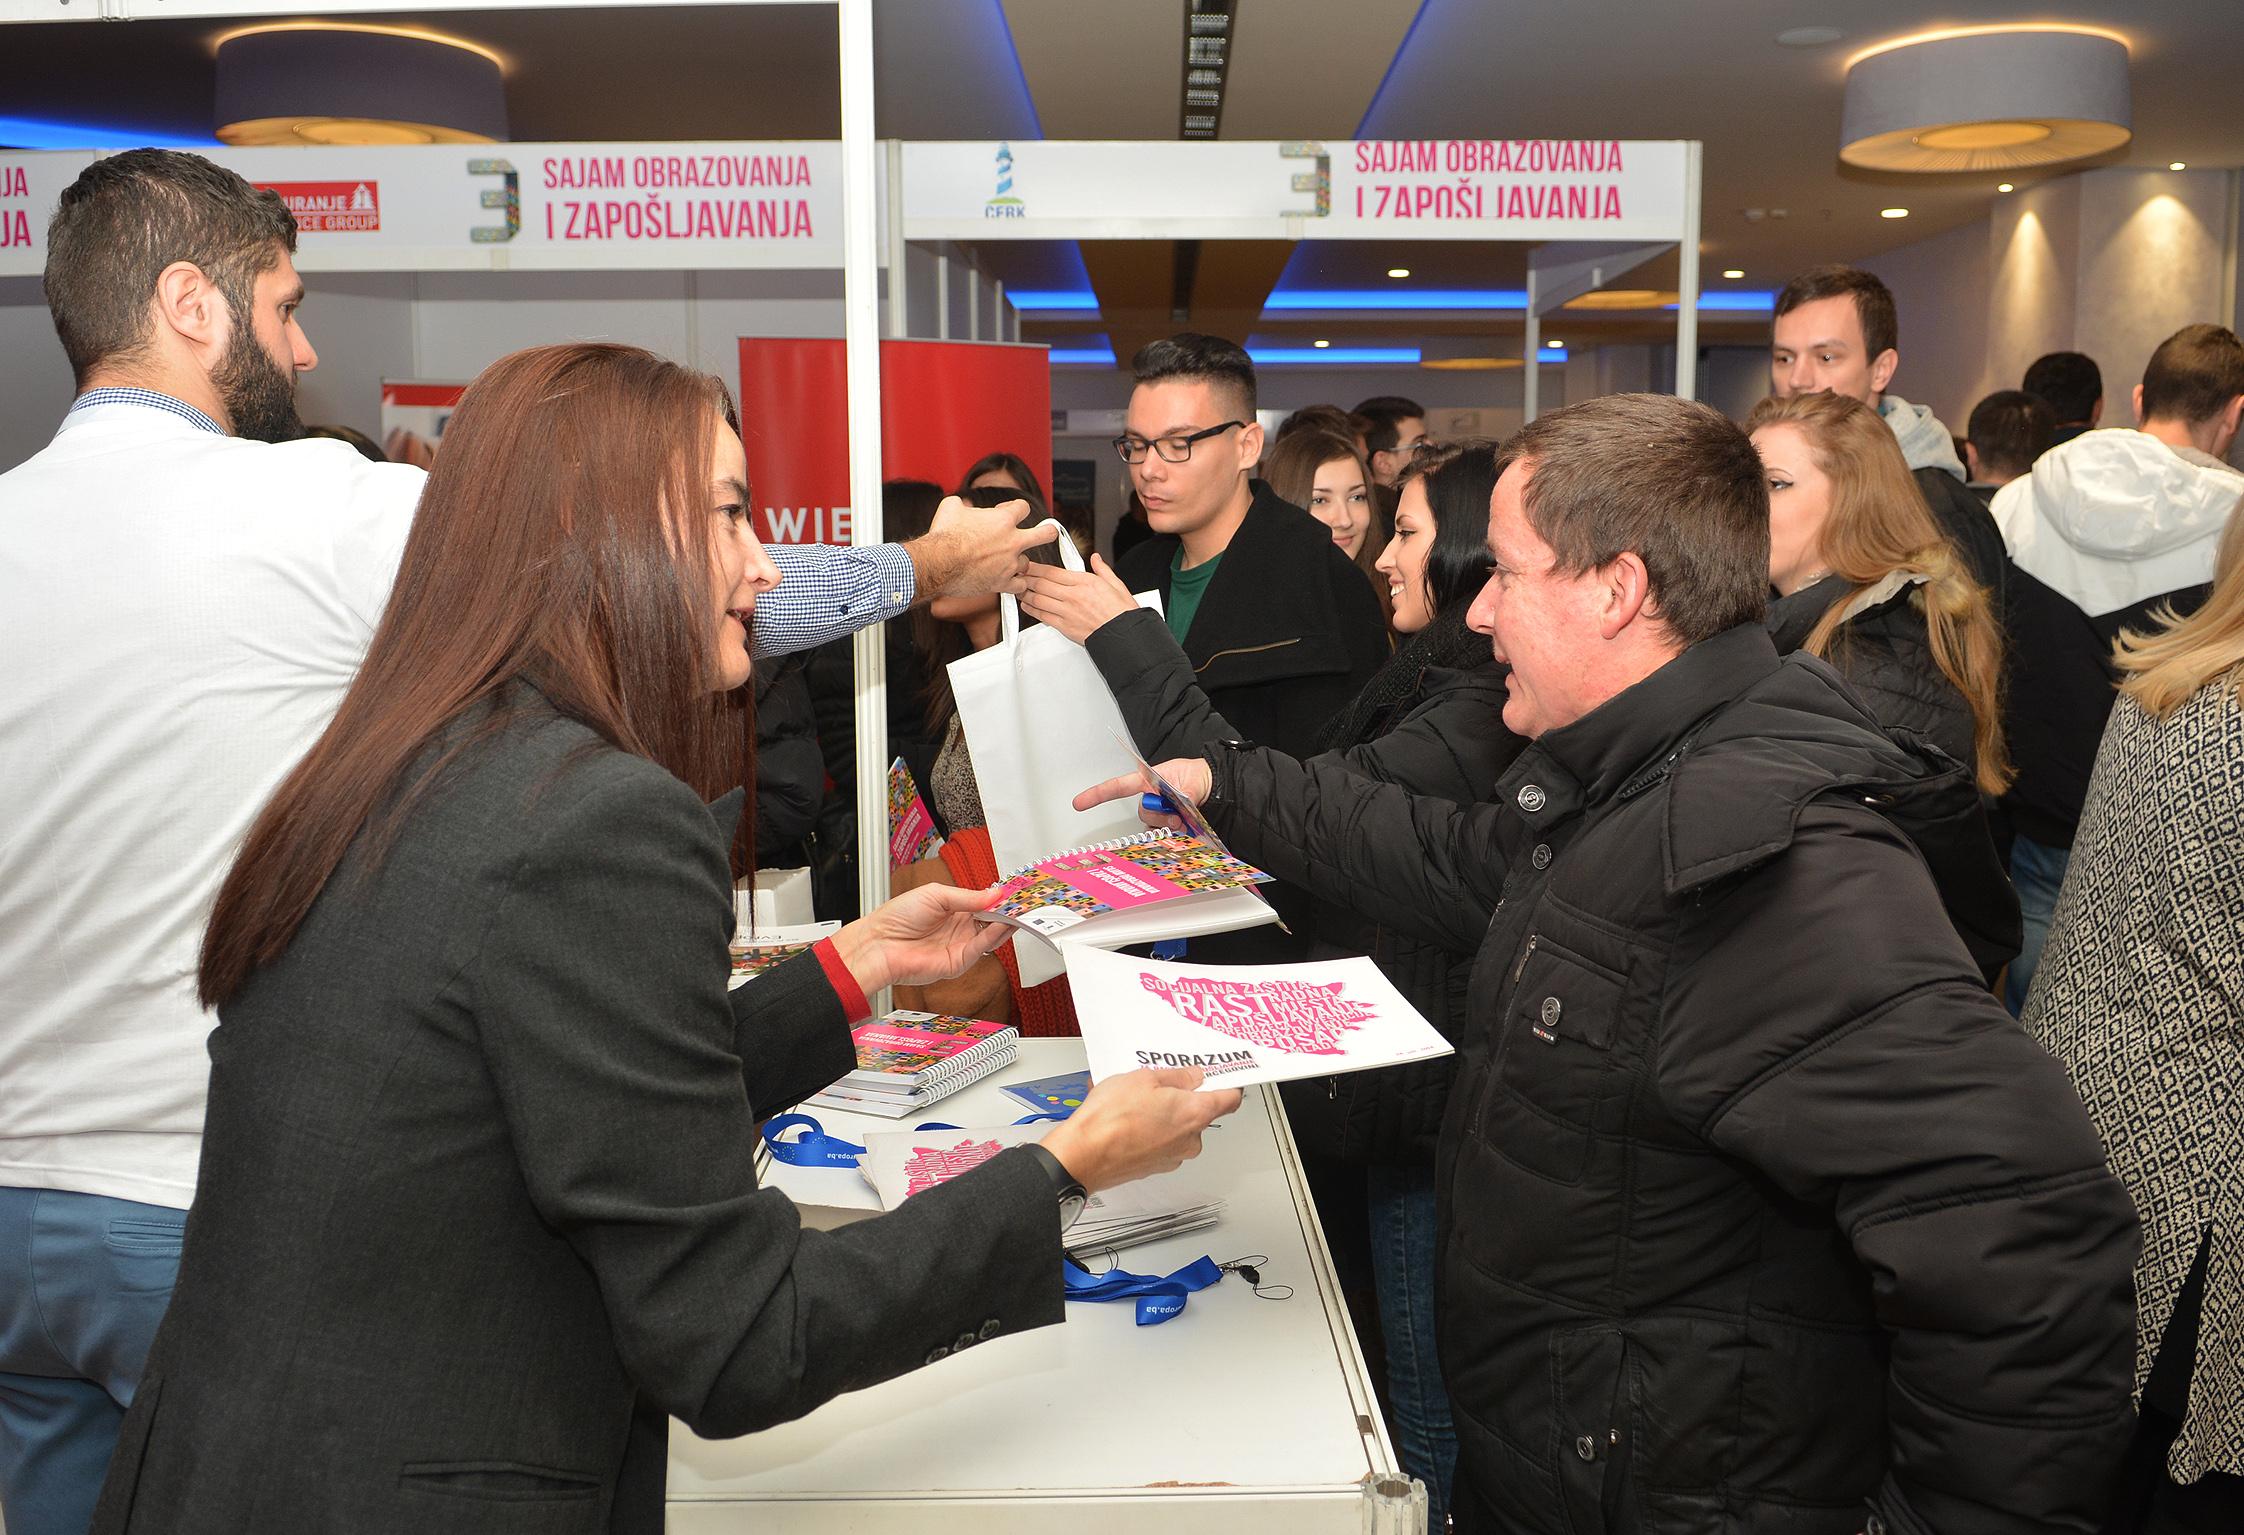 VELIKI ODZIV Sajam zapošljavanja u Mostaru: Nezaposlenima ponuđeno 1.500 radnih mjesta